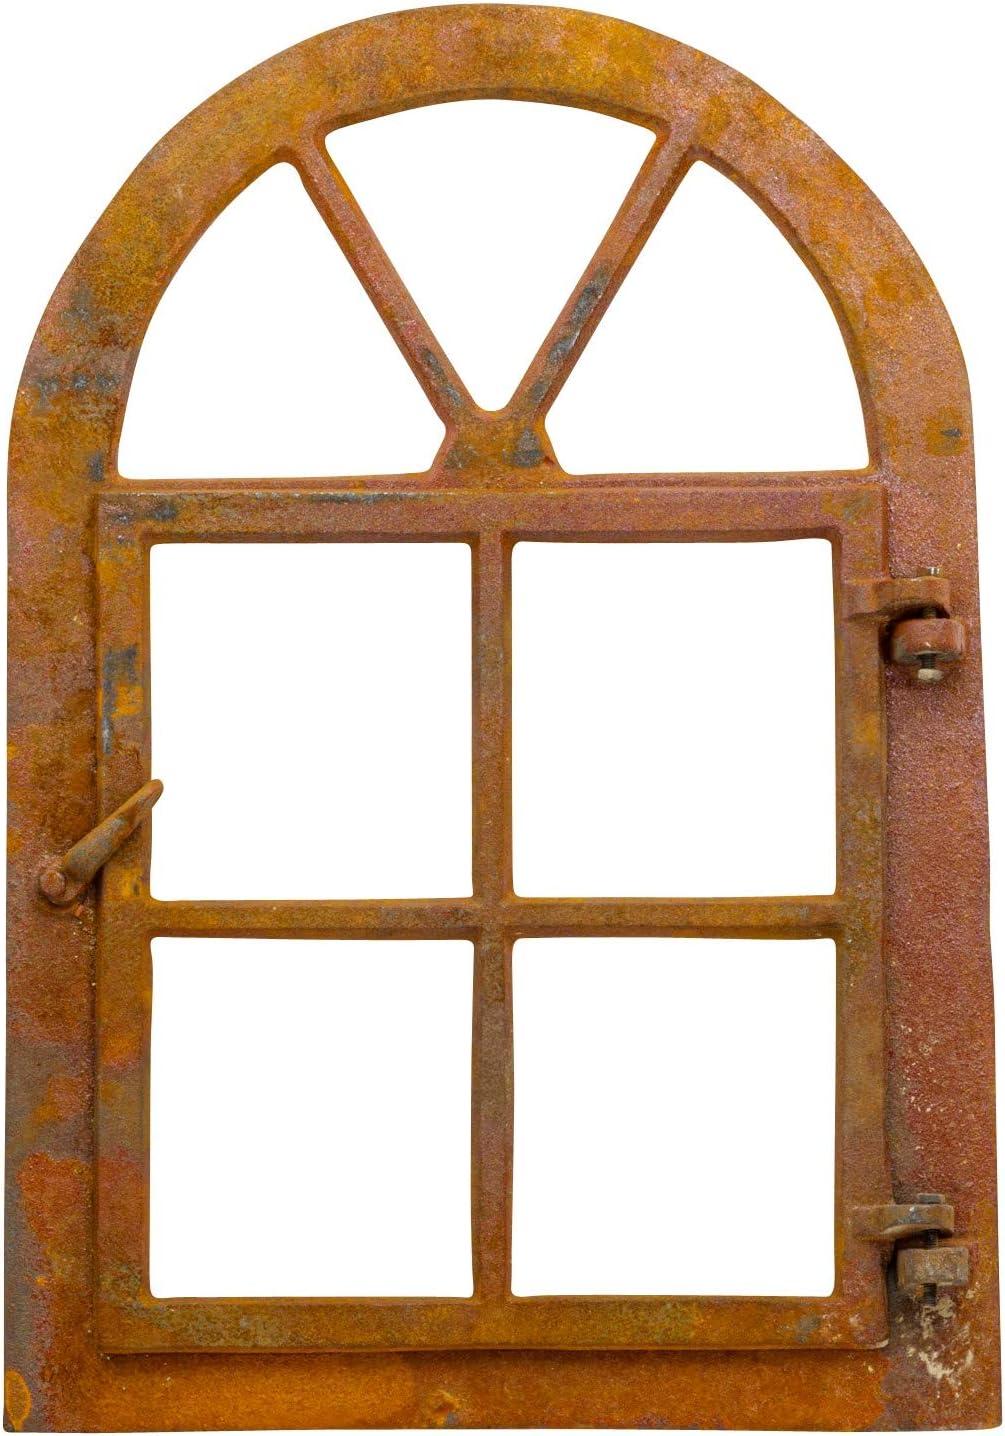 Aubaho Marco Ventana del Granero de Hierro Herrumbre de Estilo Antiguo 39,5x57,5cm